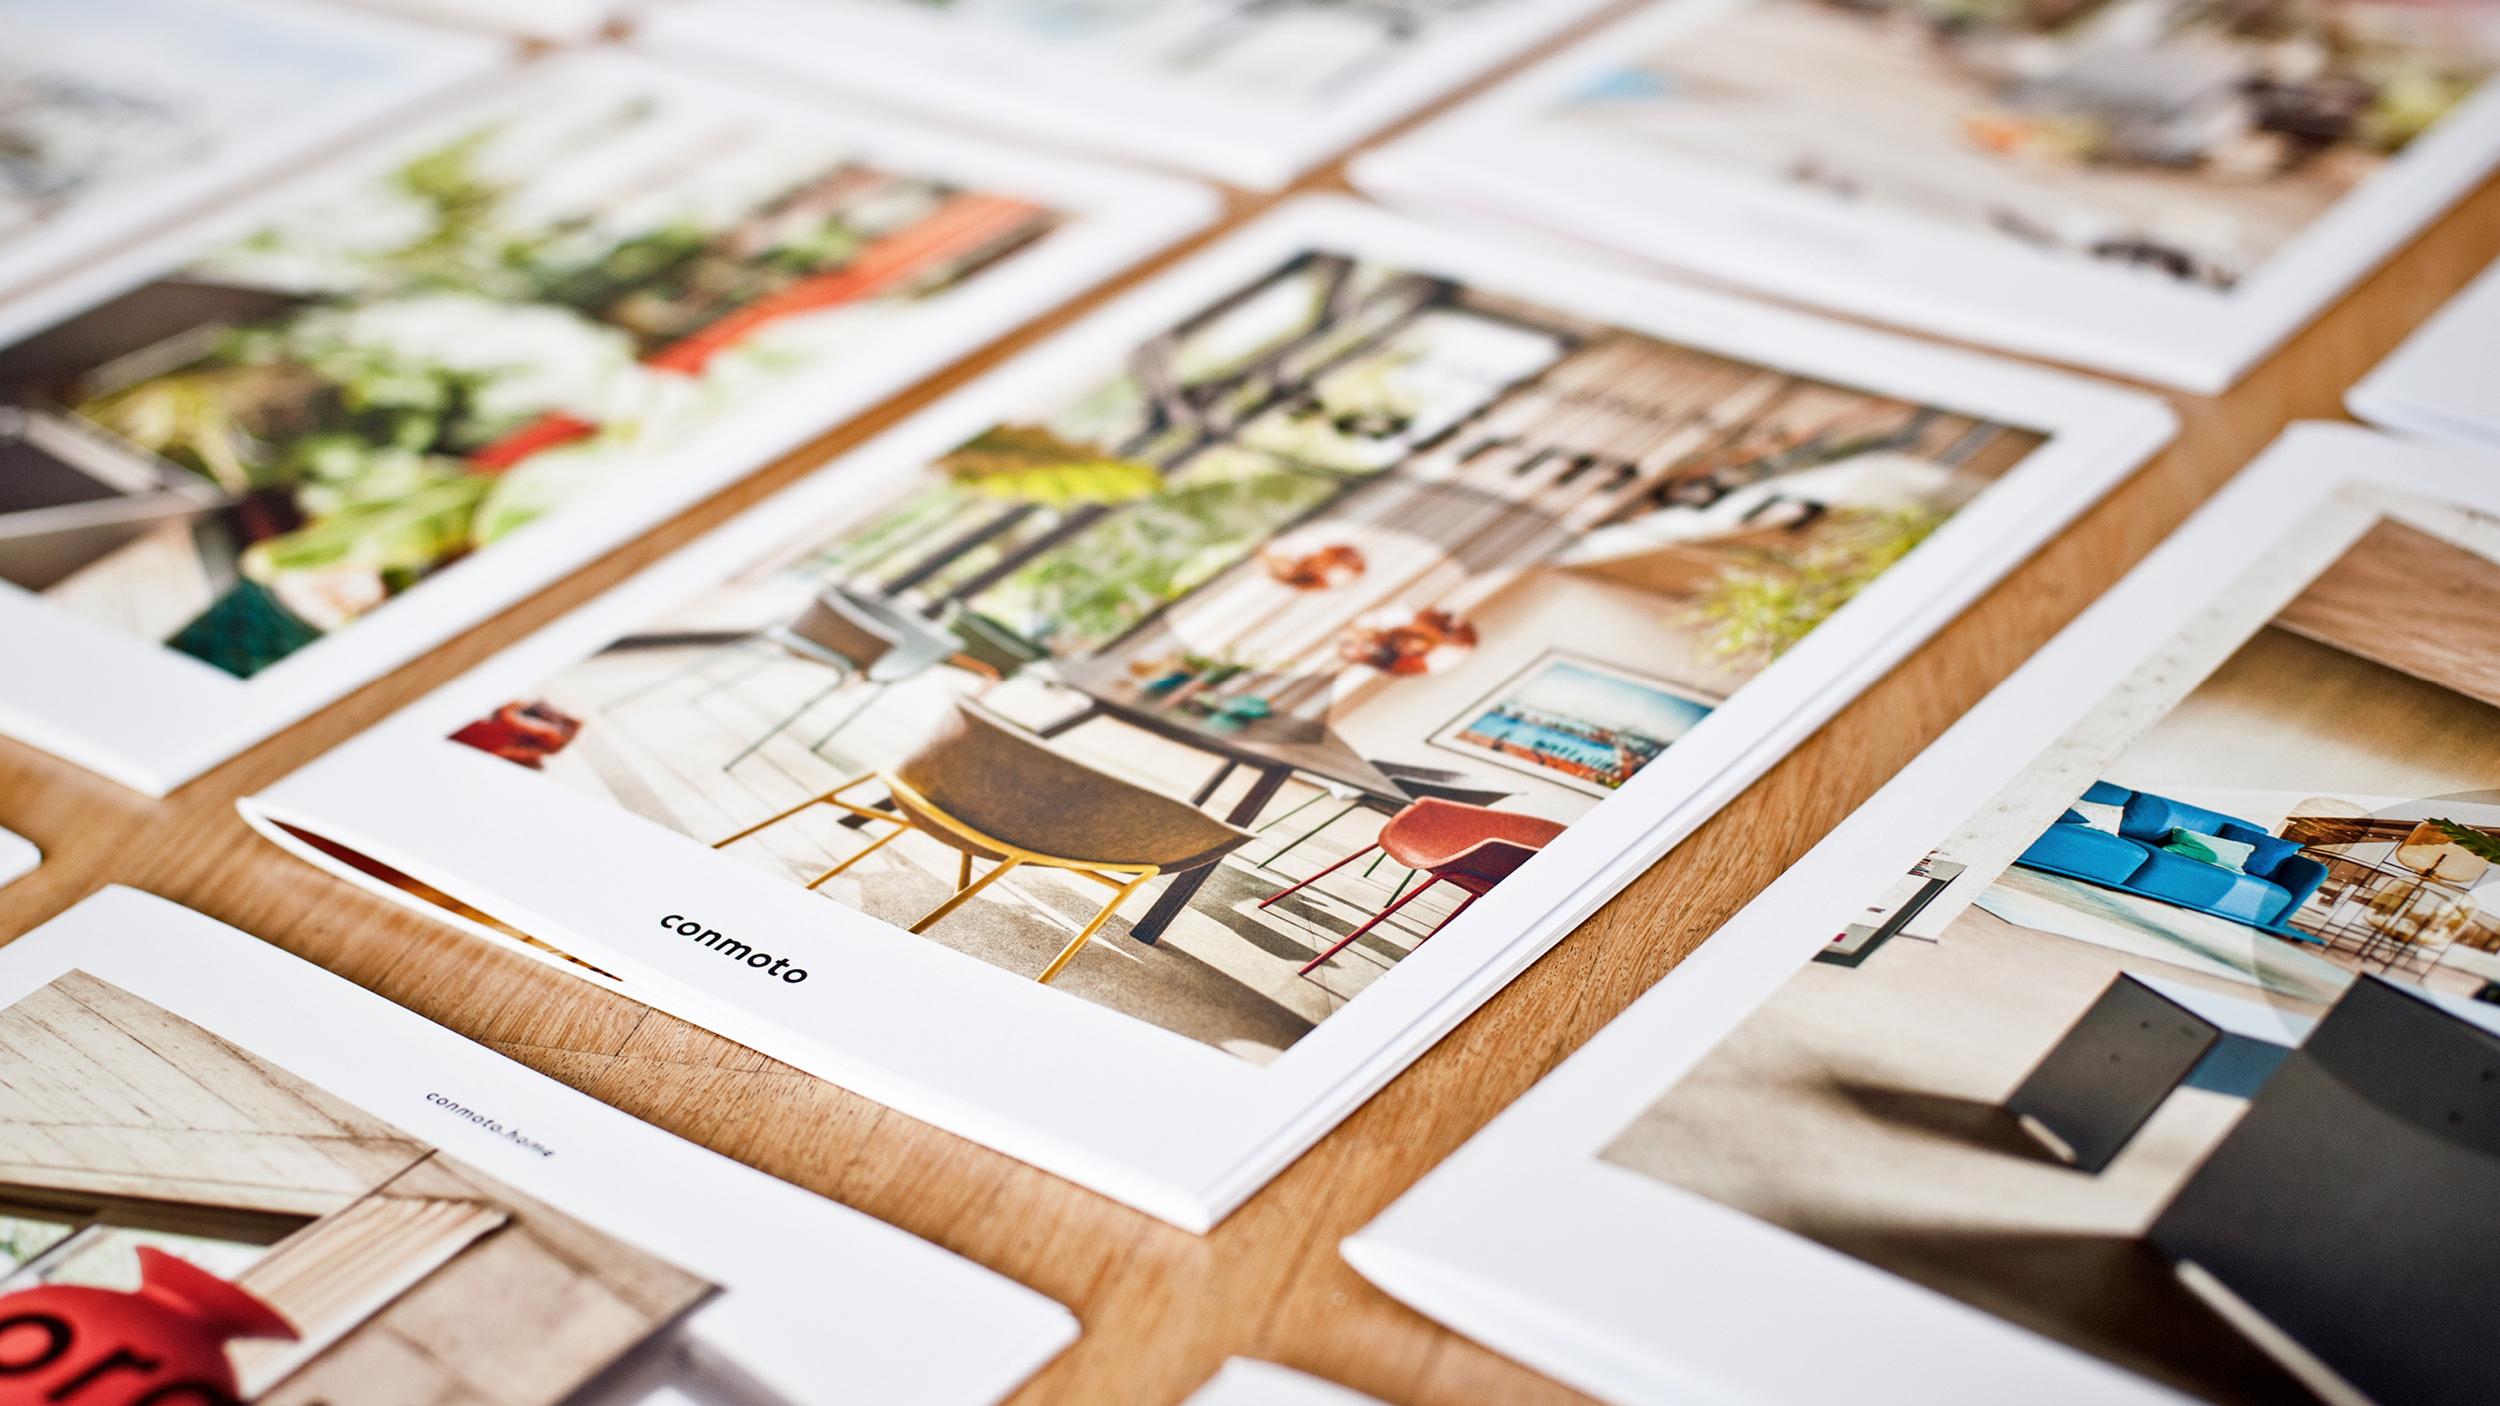 UNGESTRICHEN_conmoto catalogs 2010_start_01.jpg